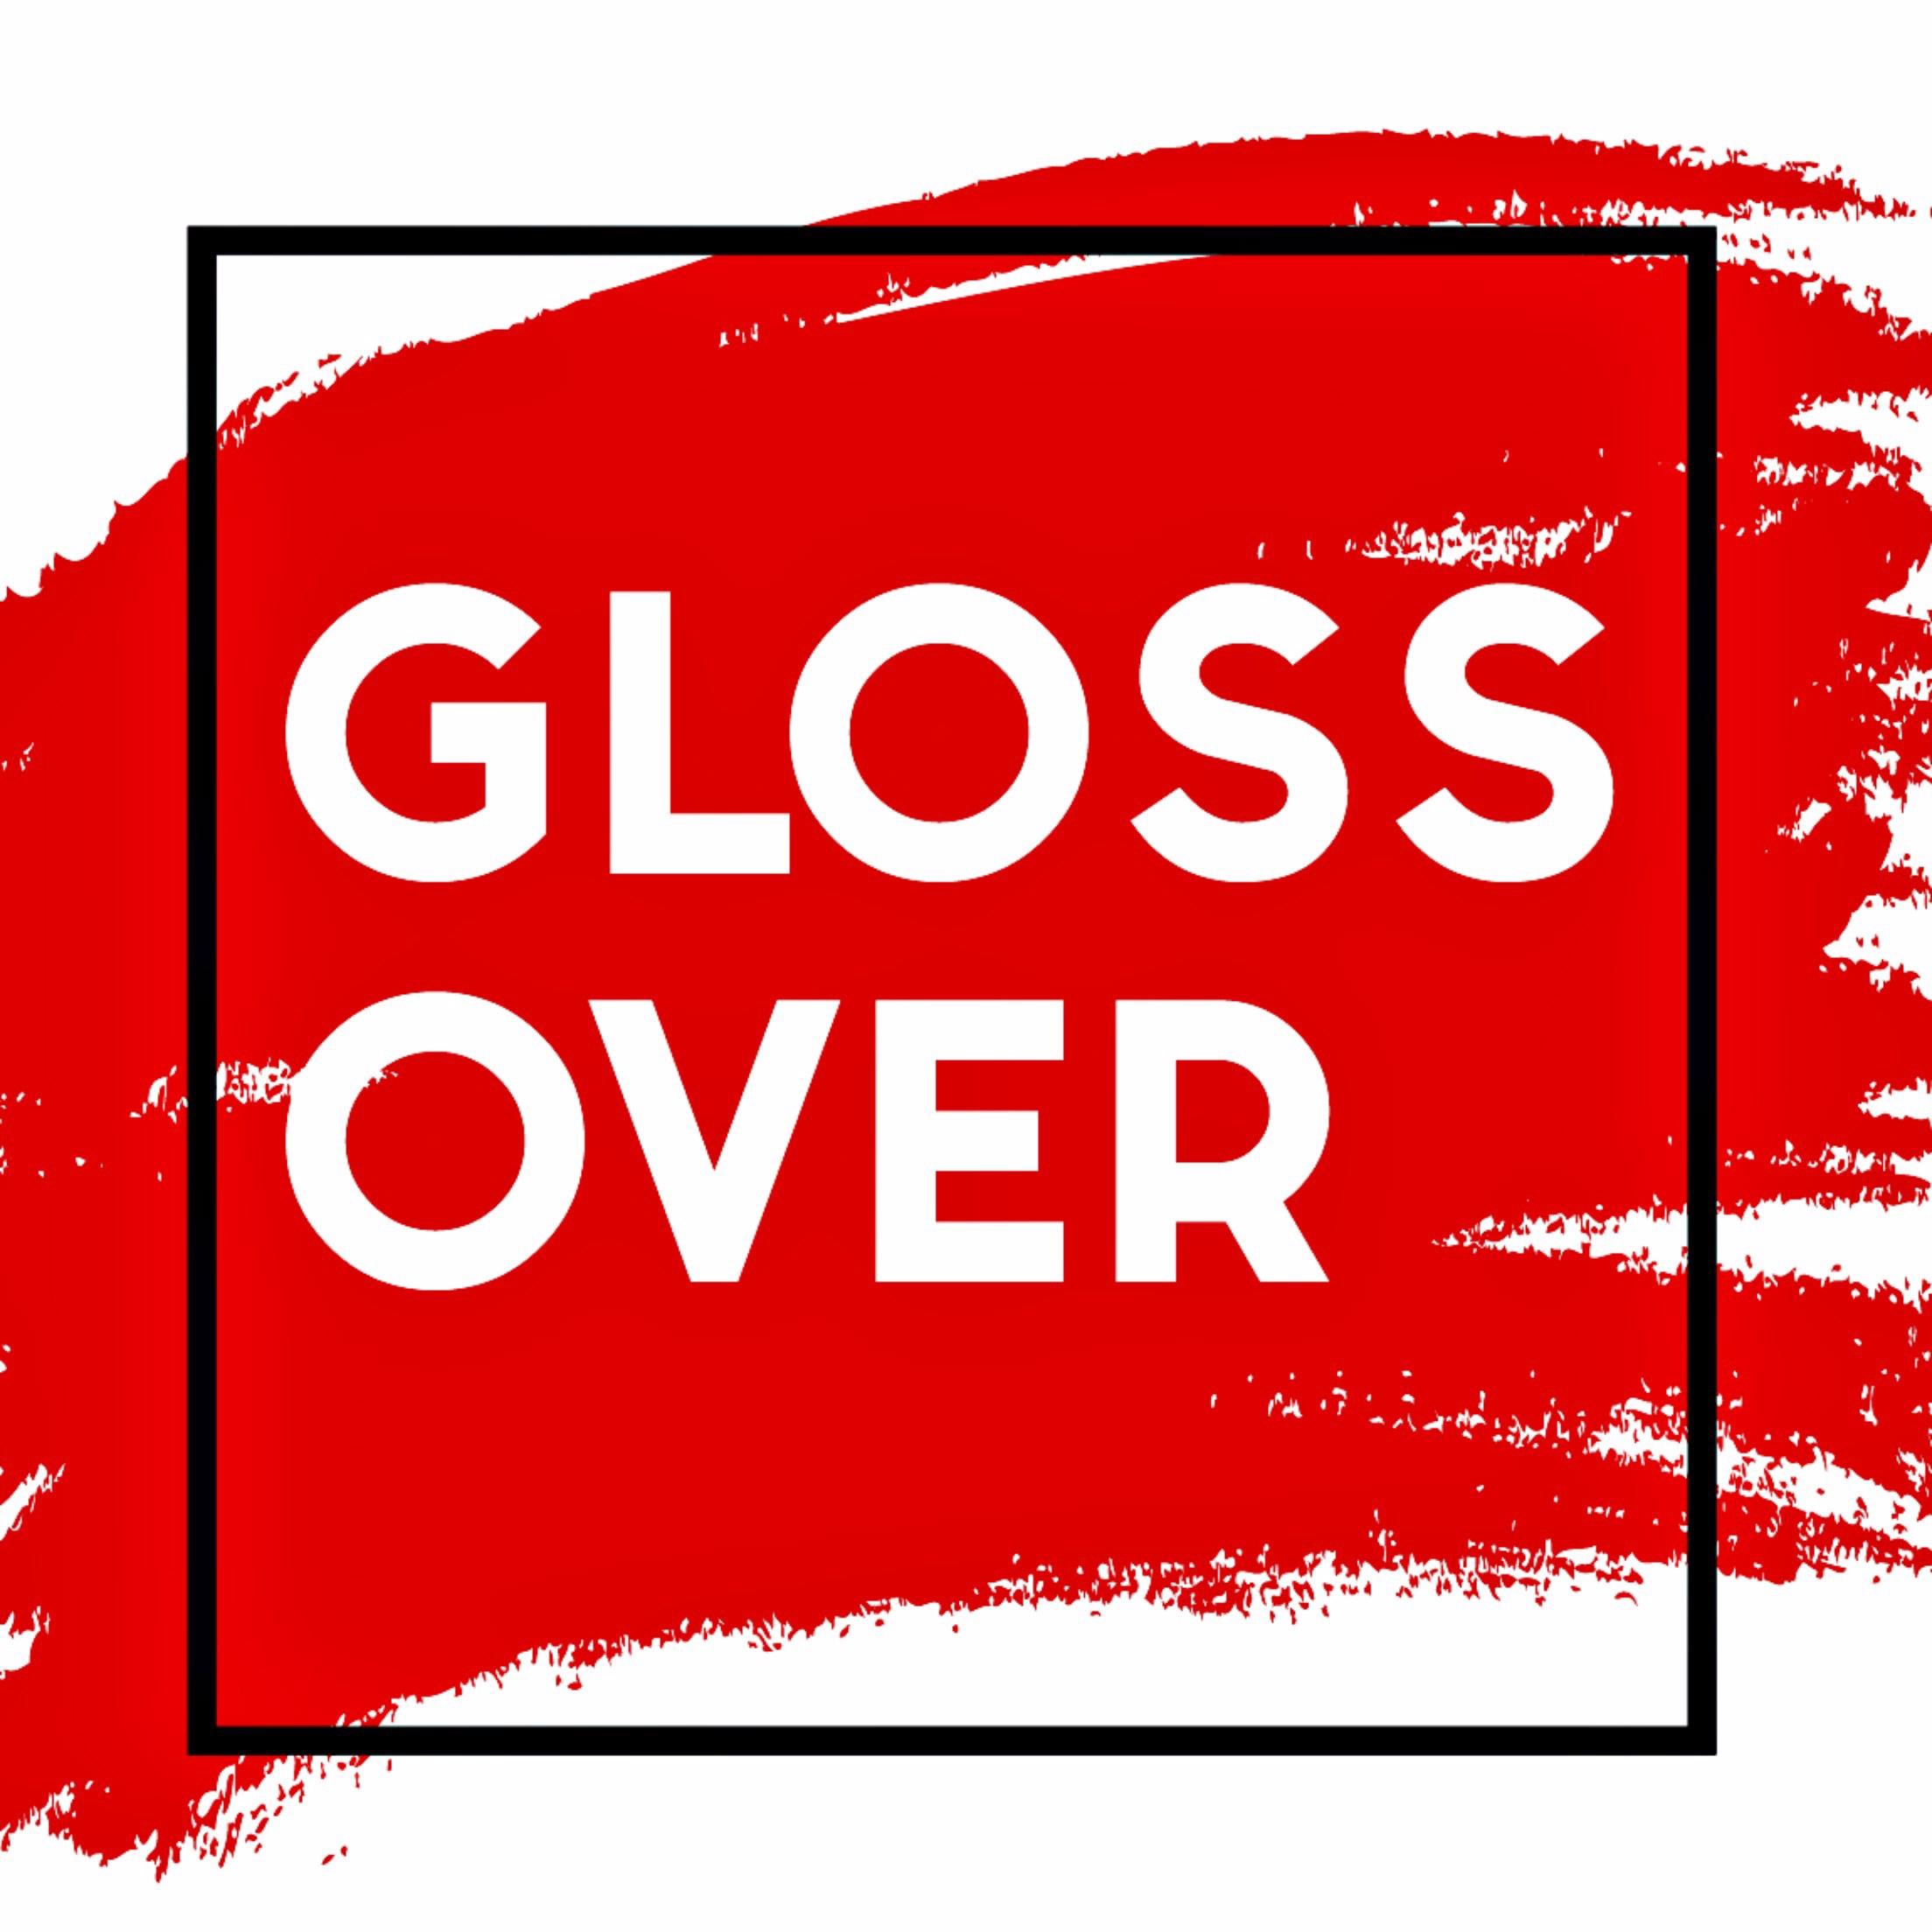 glossover_logo-2208.jpg